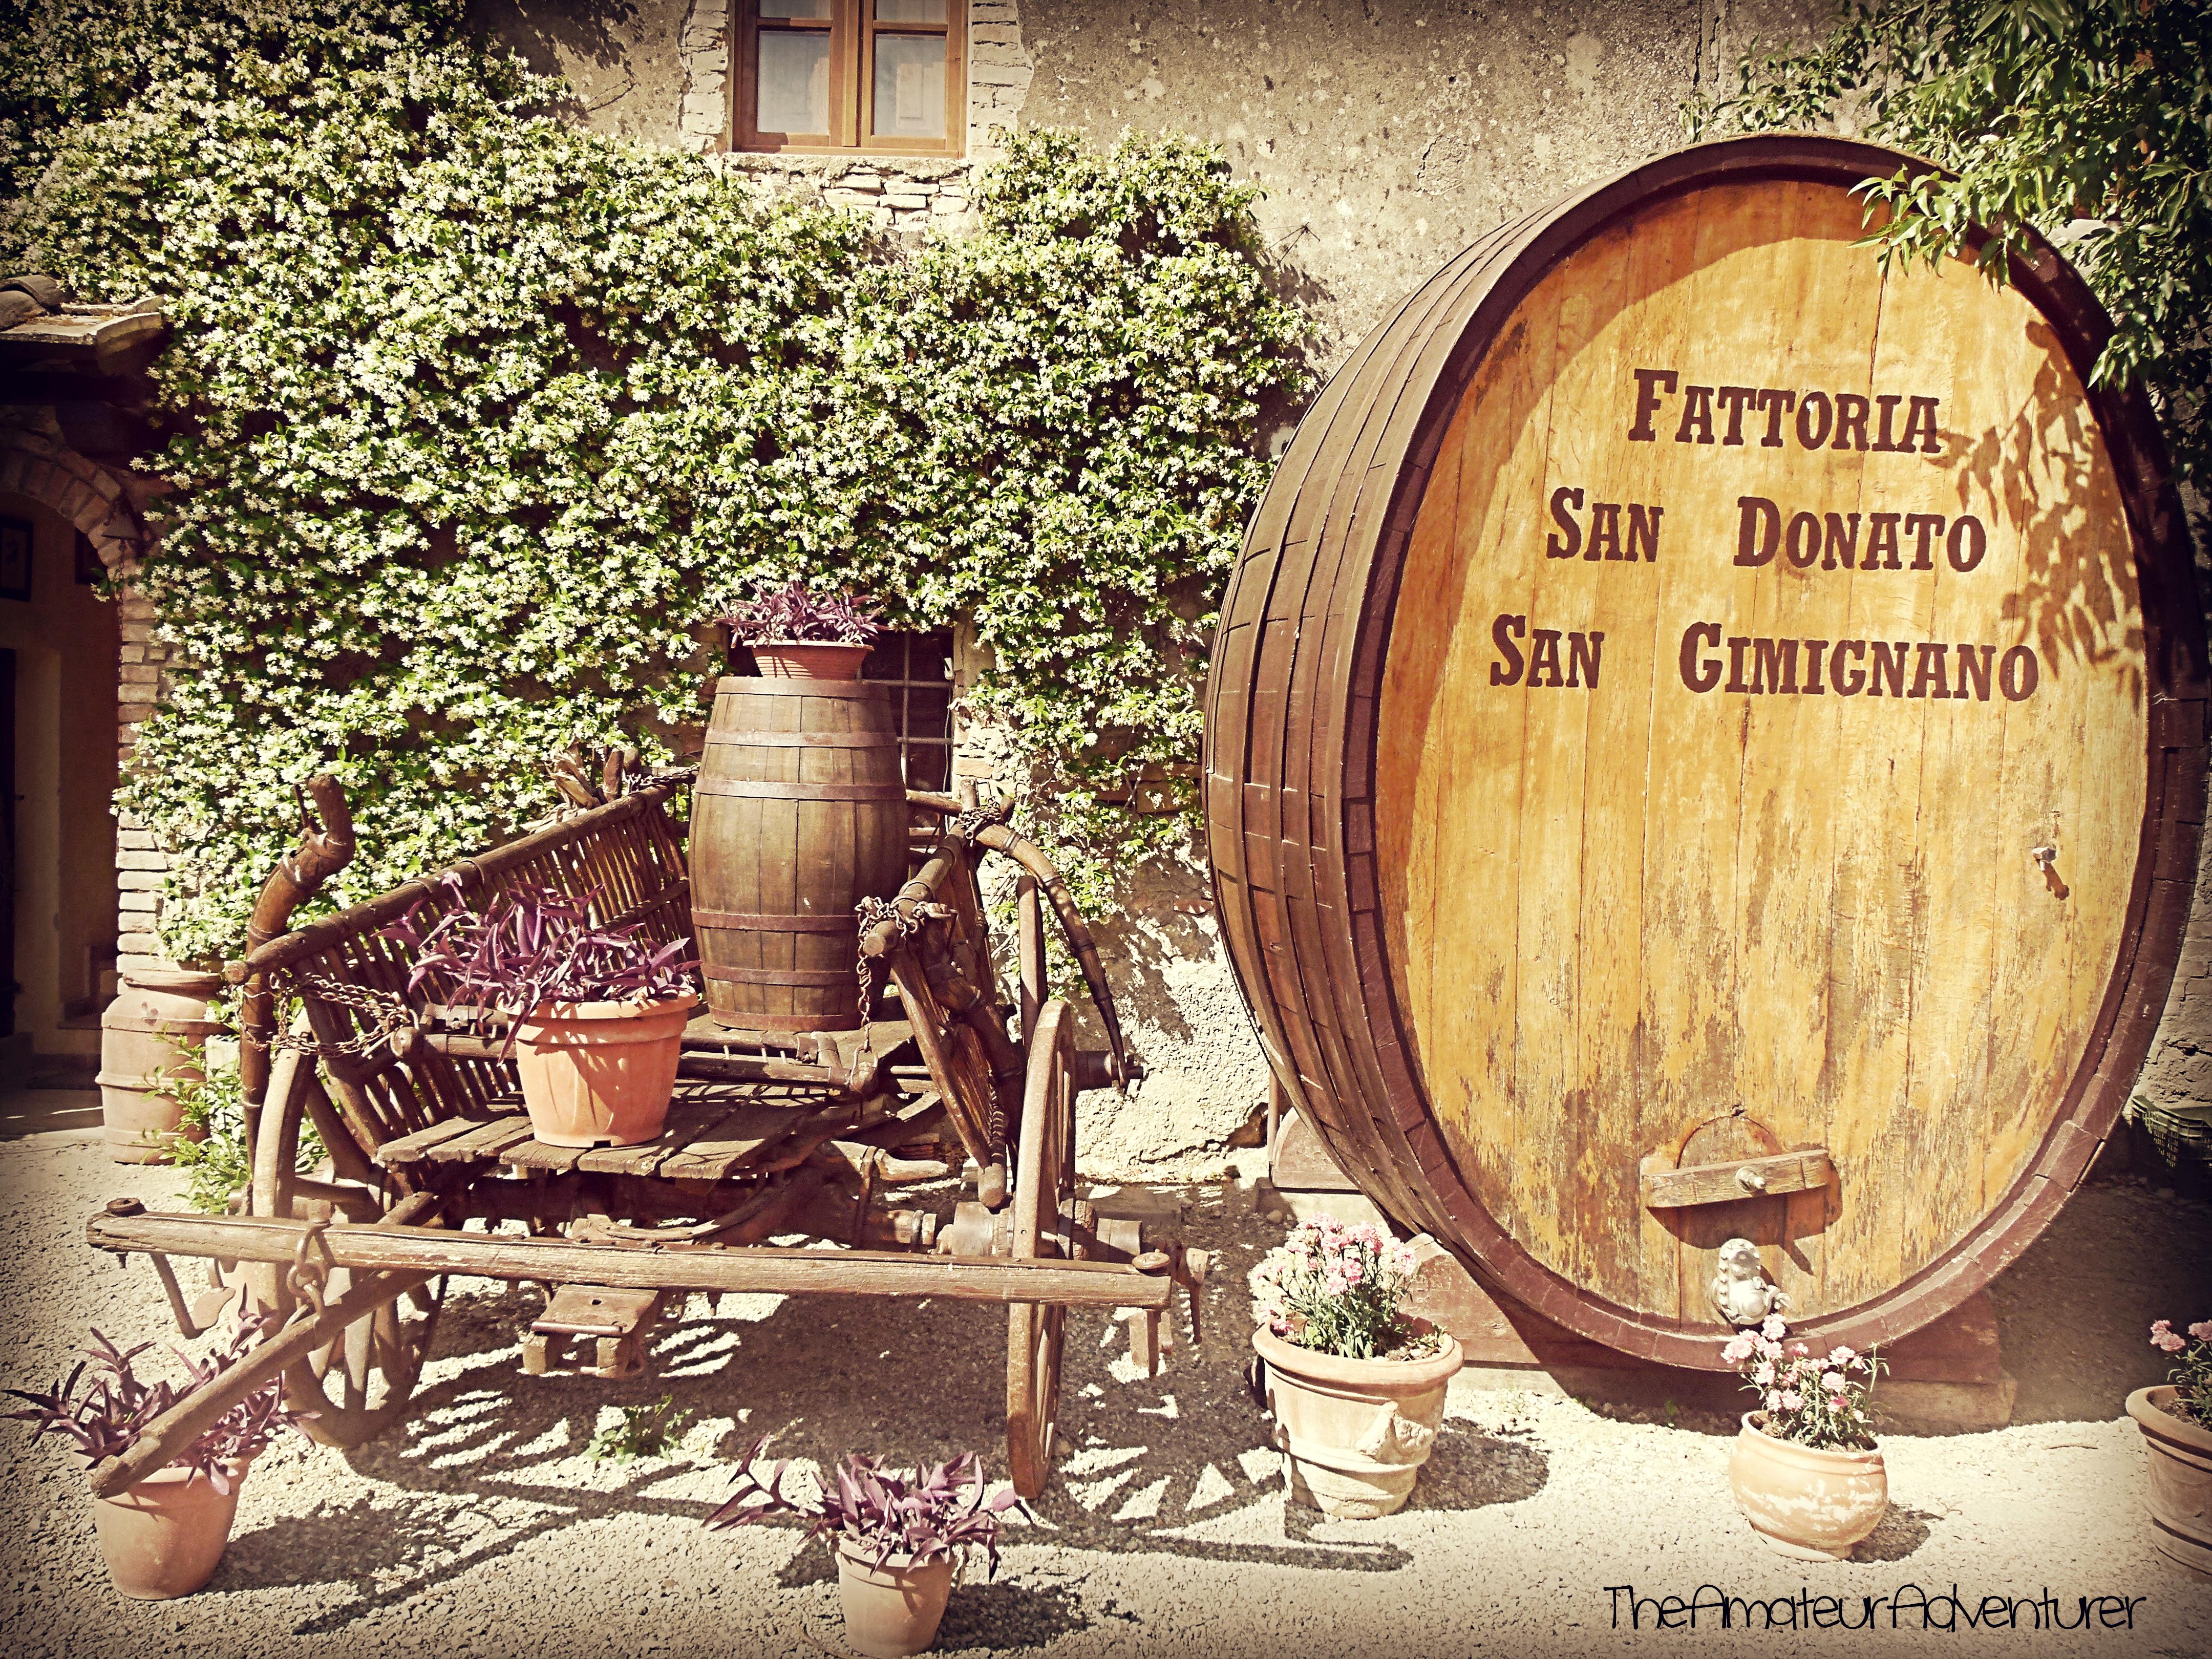 Fattoria San Donato 2